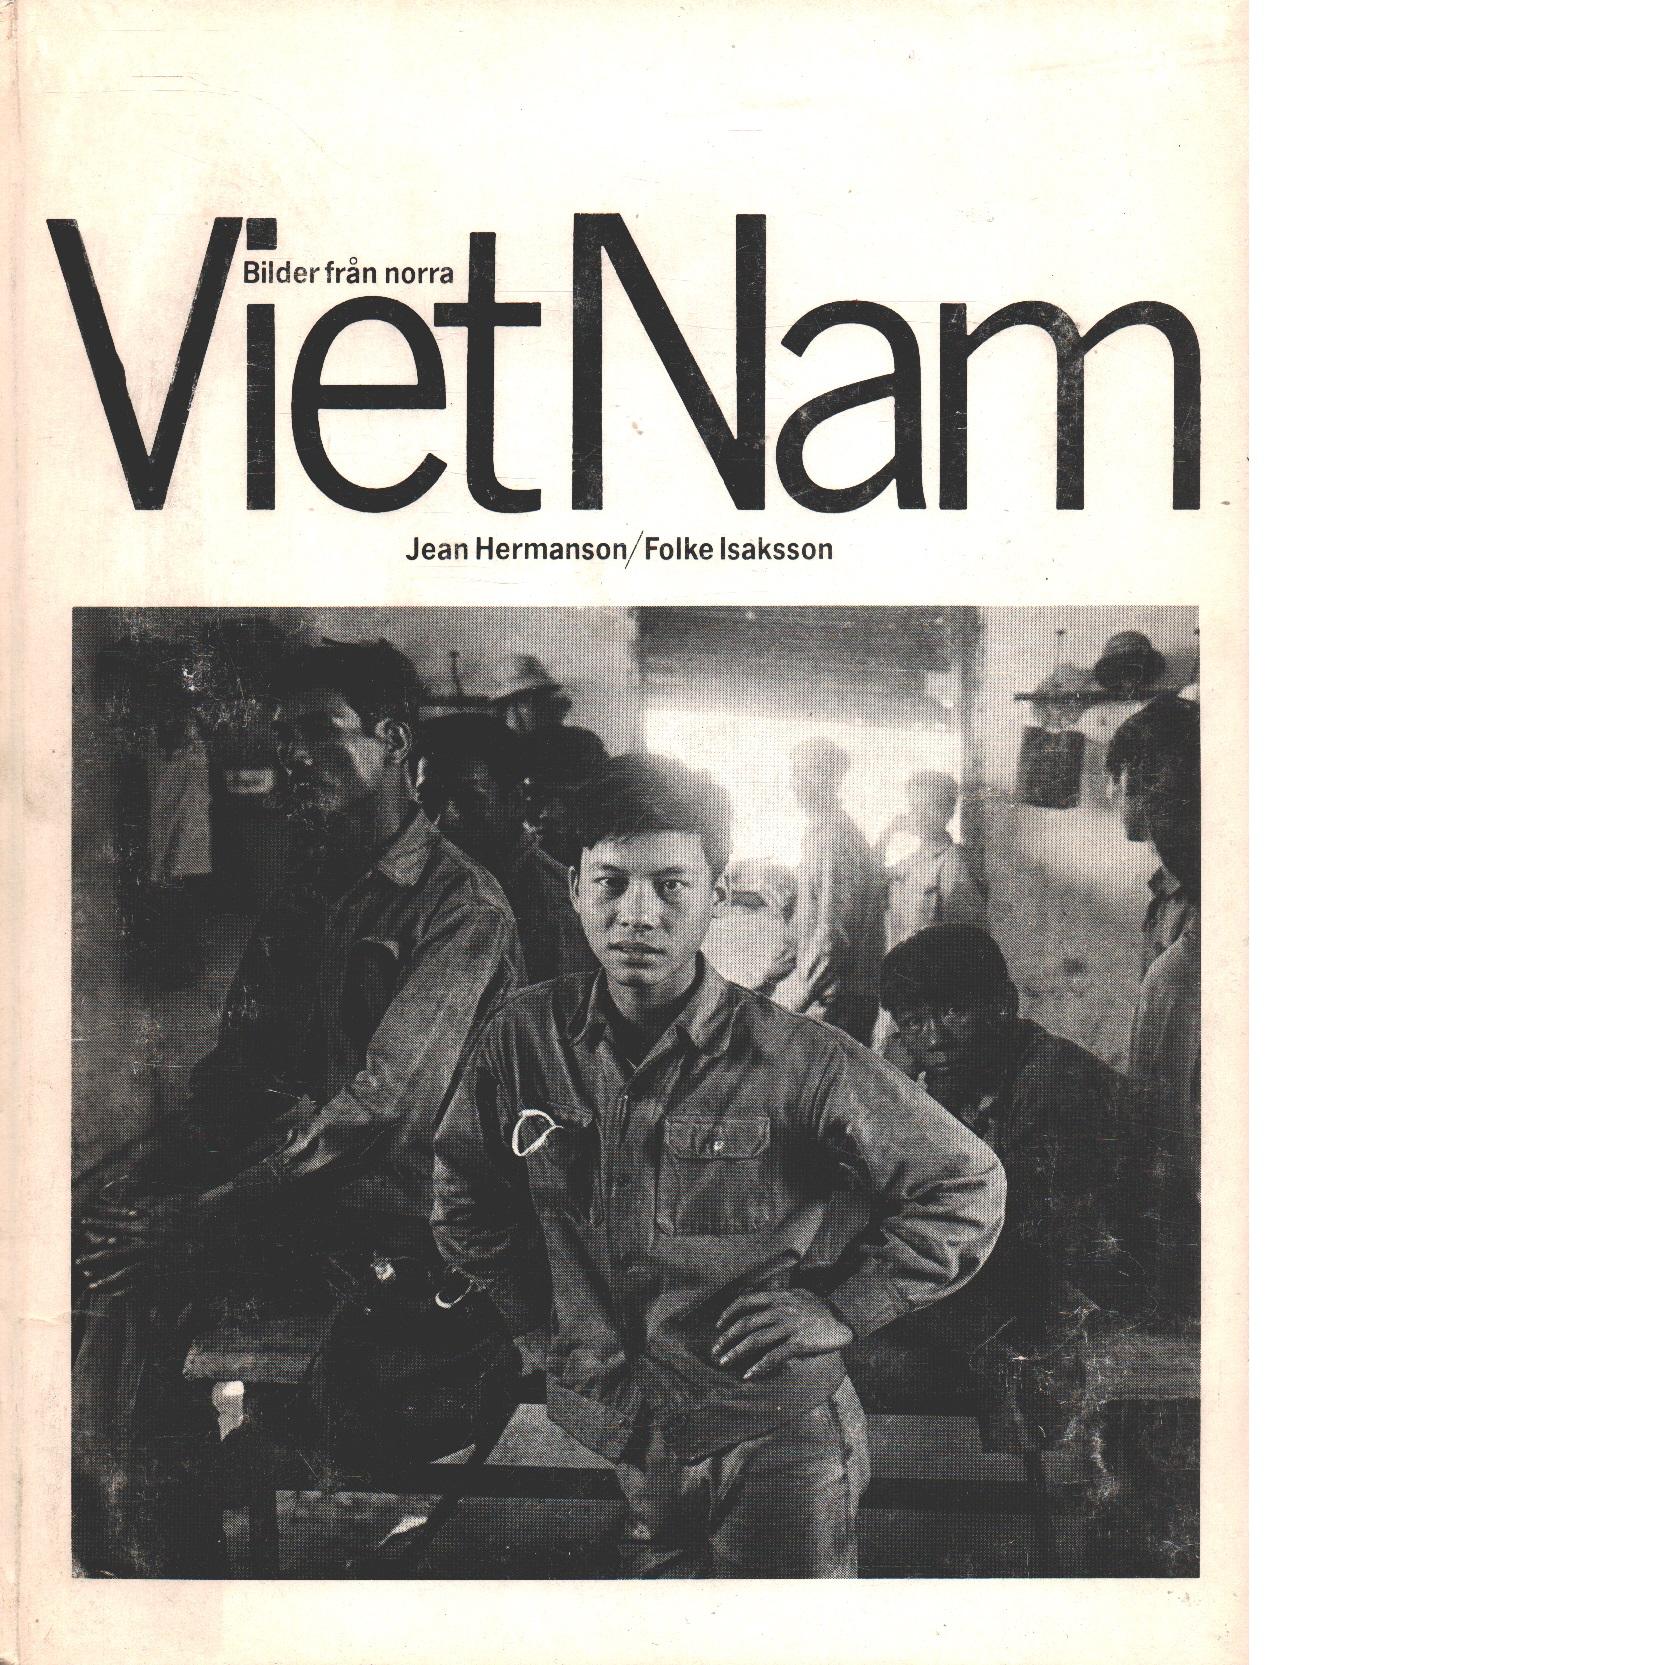 Bilder från norra Vietnam - Isaksson, Folke och Hermanson, Jean